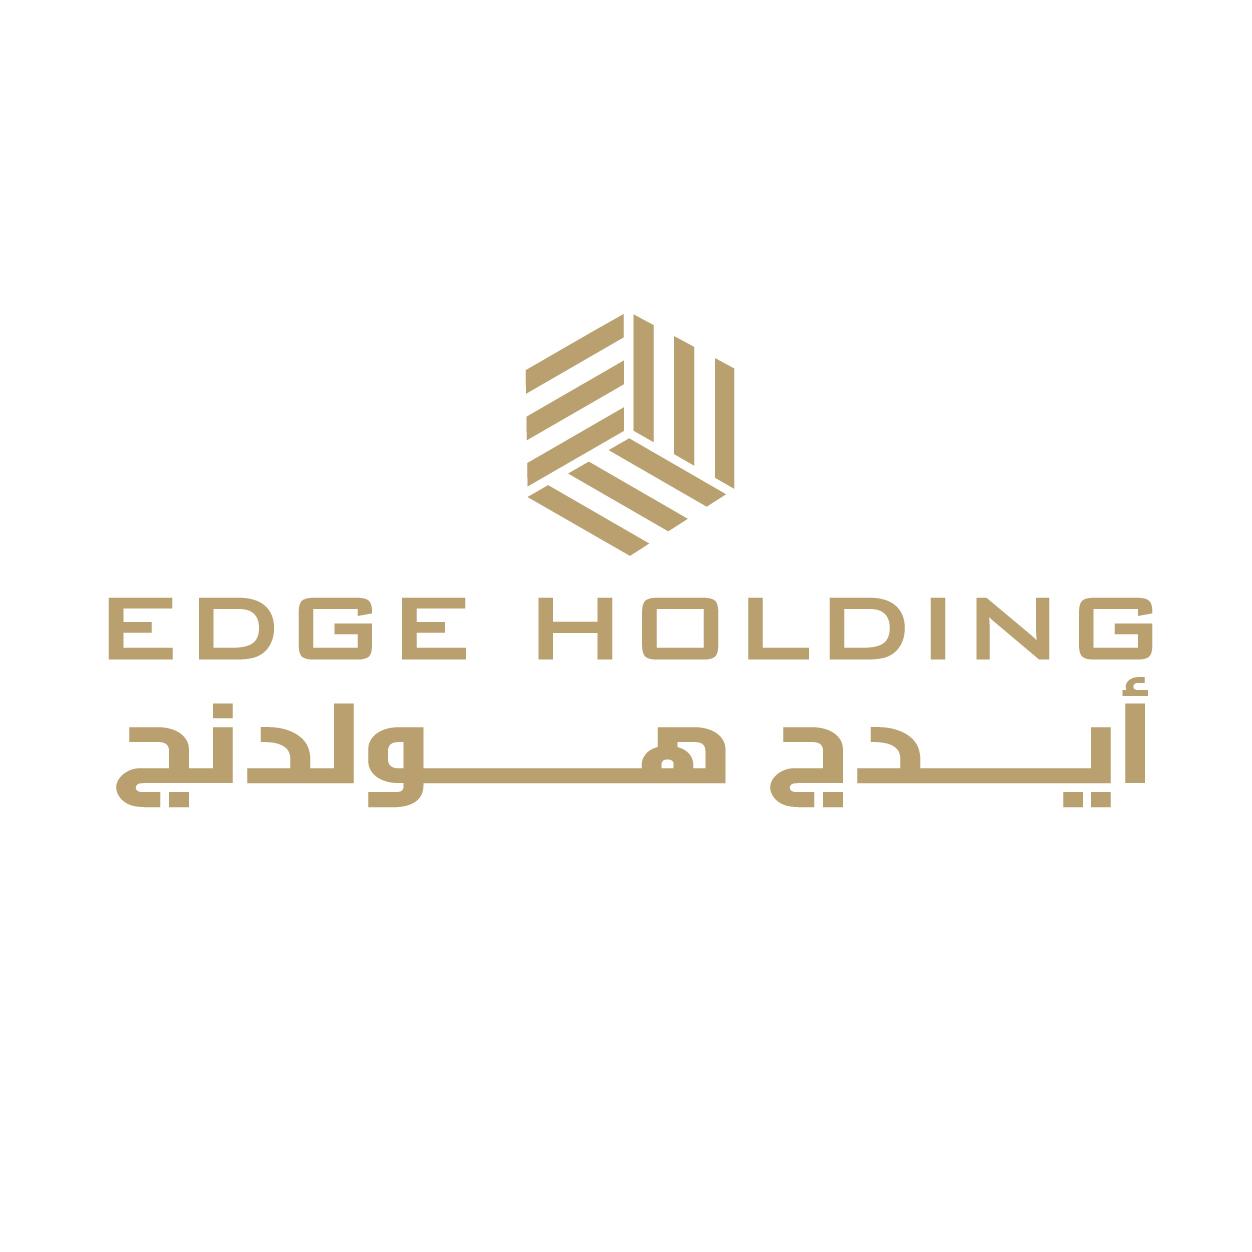 Edge Holding